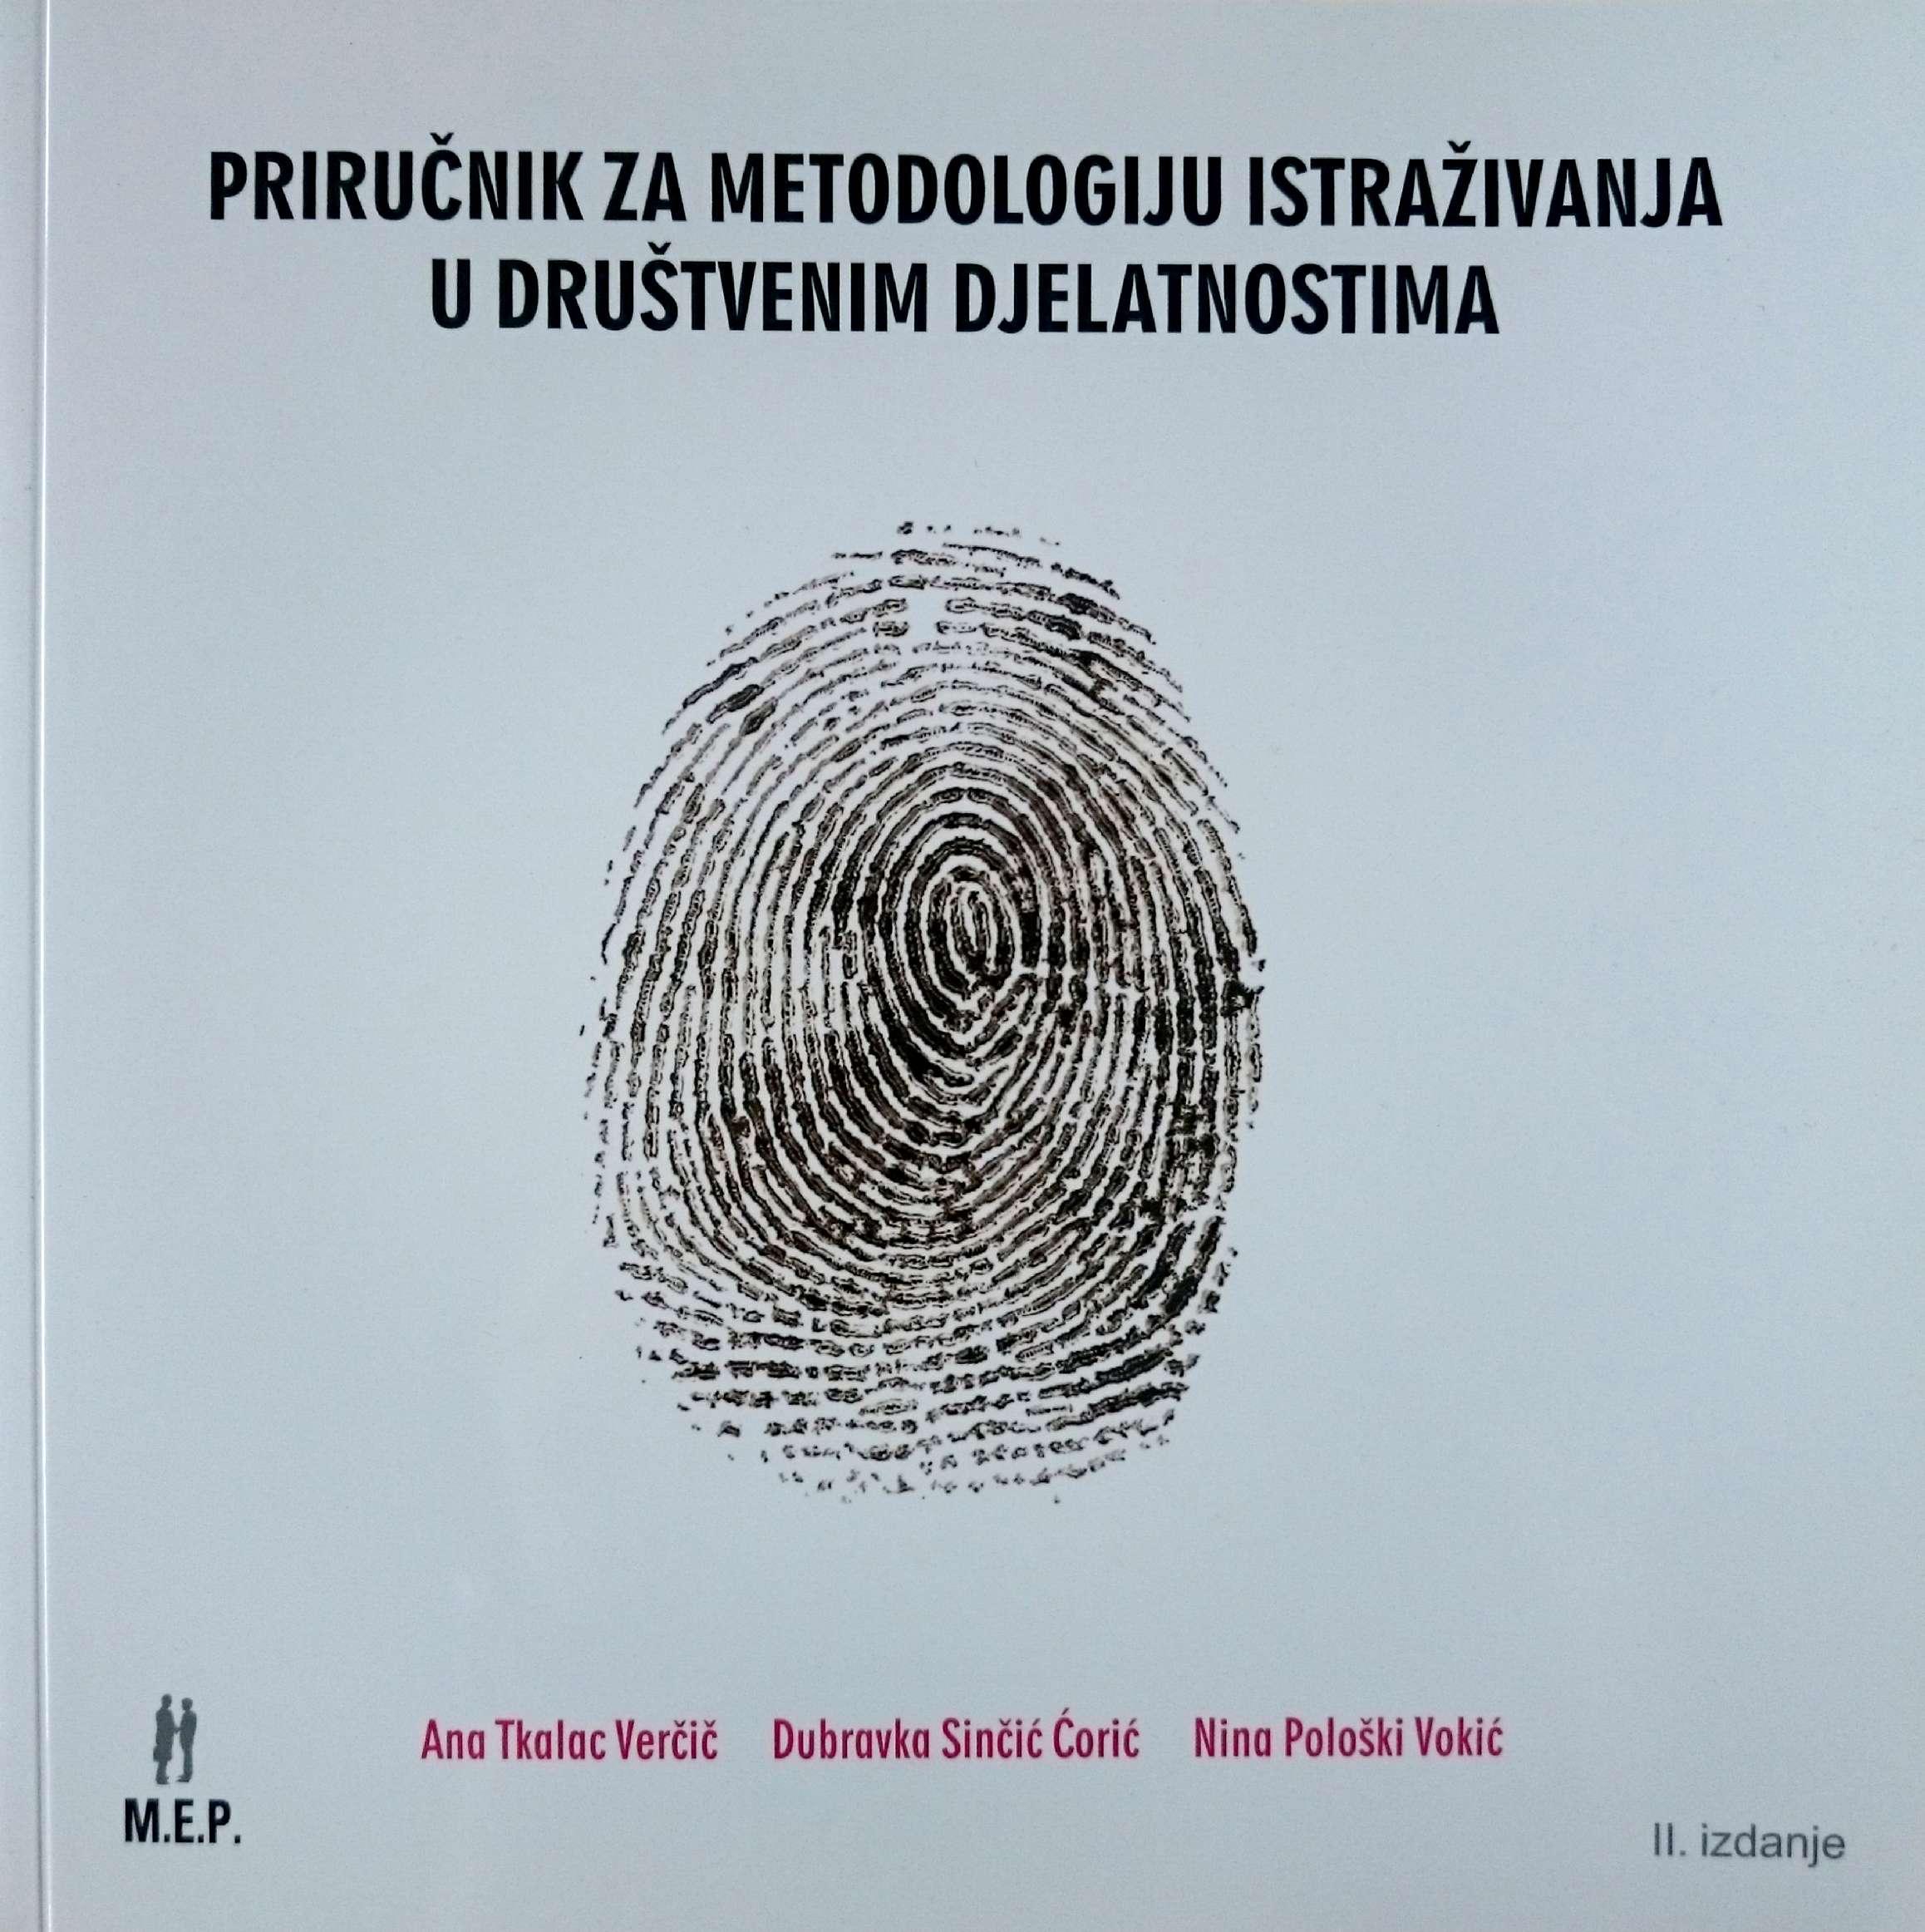 PRIRUČNIK ZA METODOLOGIJU ISTRAŽIVANJA U DRUŠTVENIM DJELATNOSTIMA - Naruči svoju knjigu